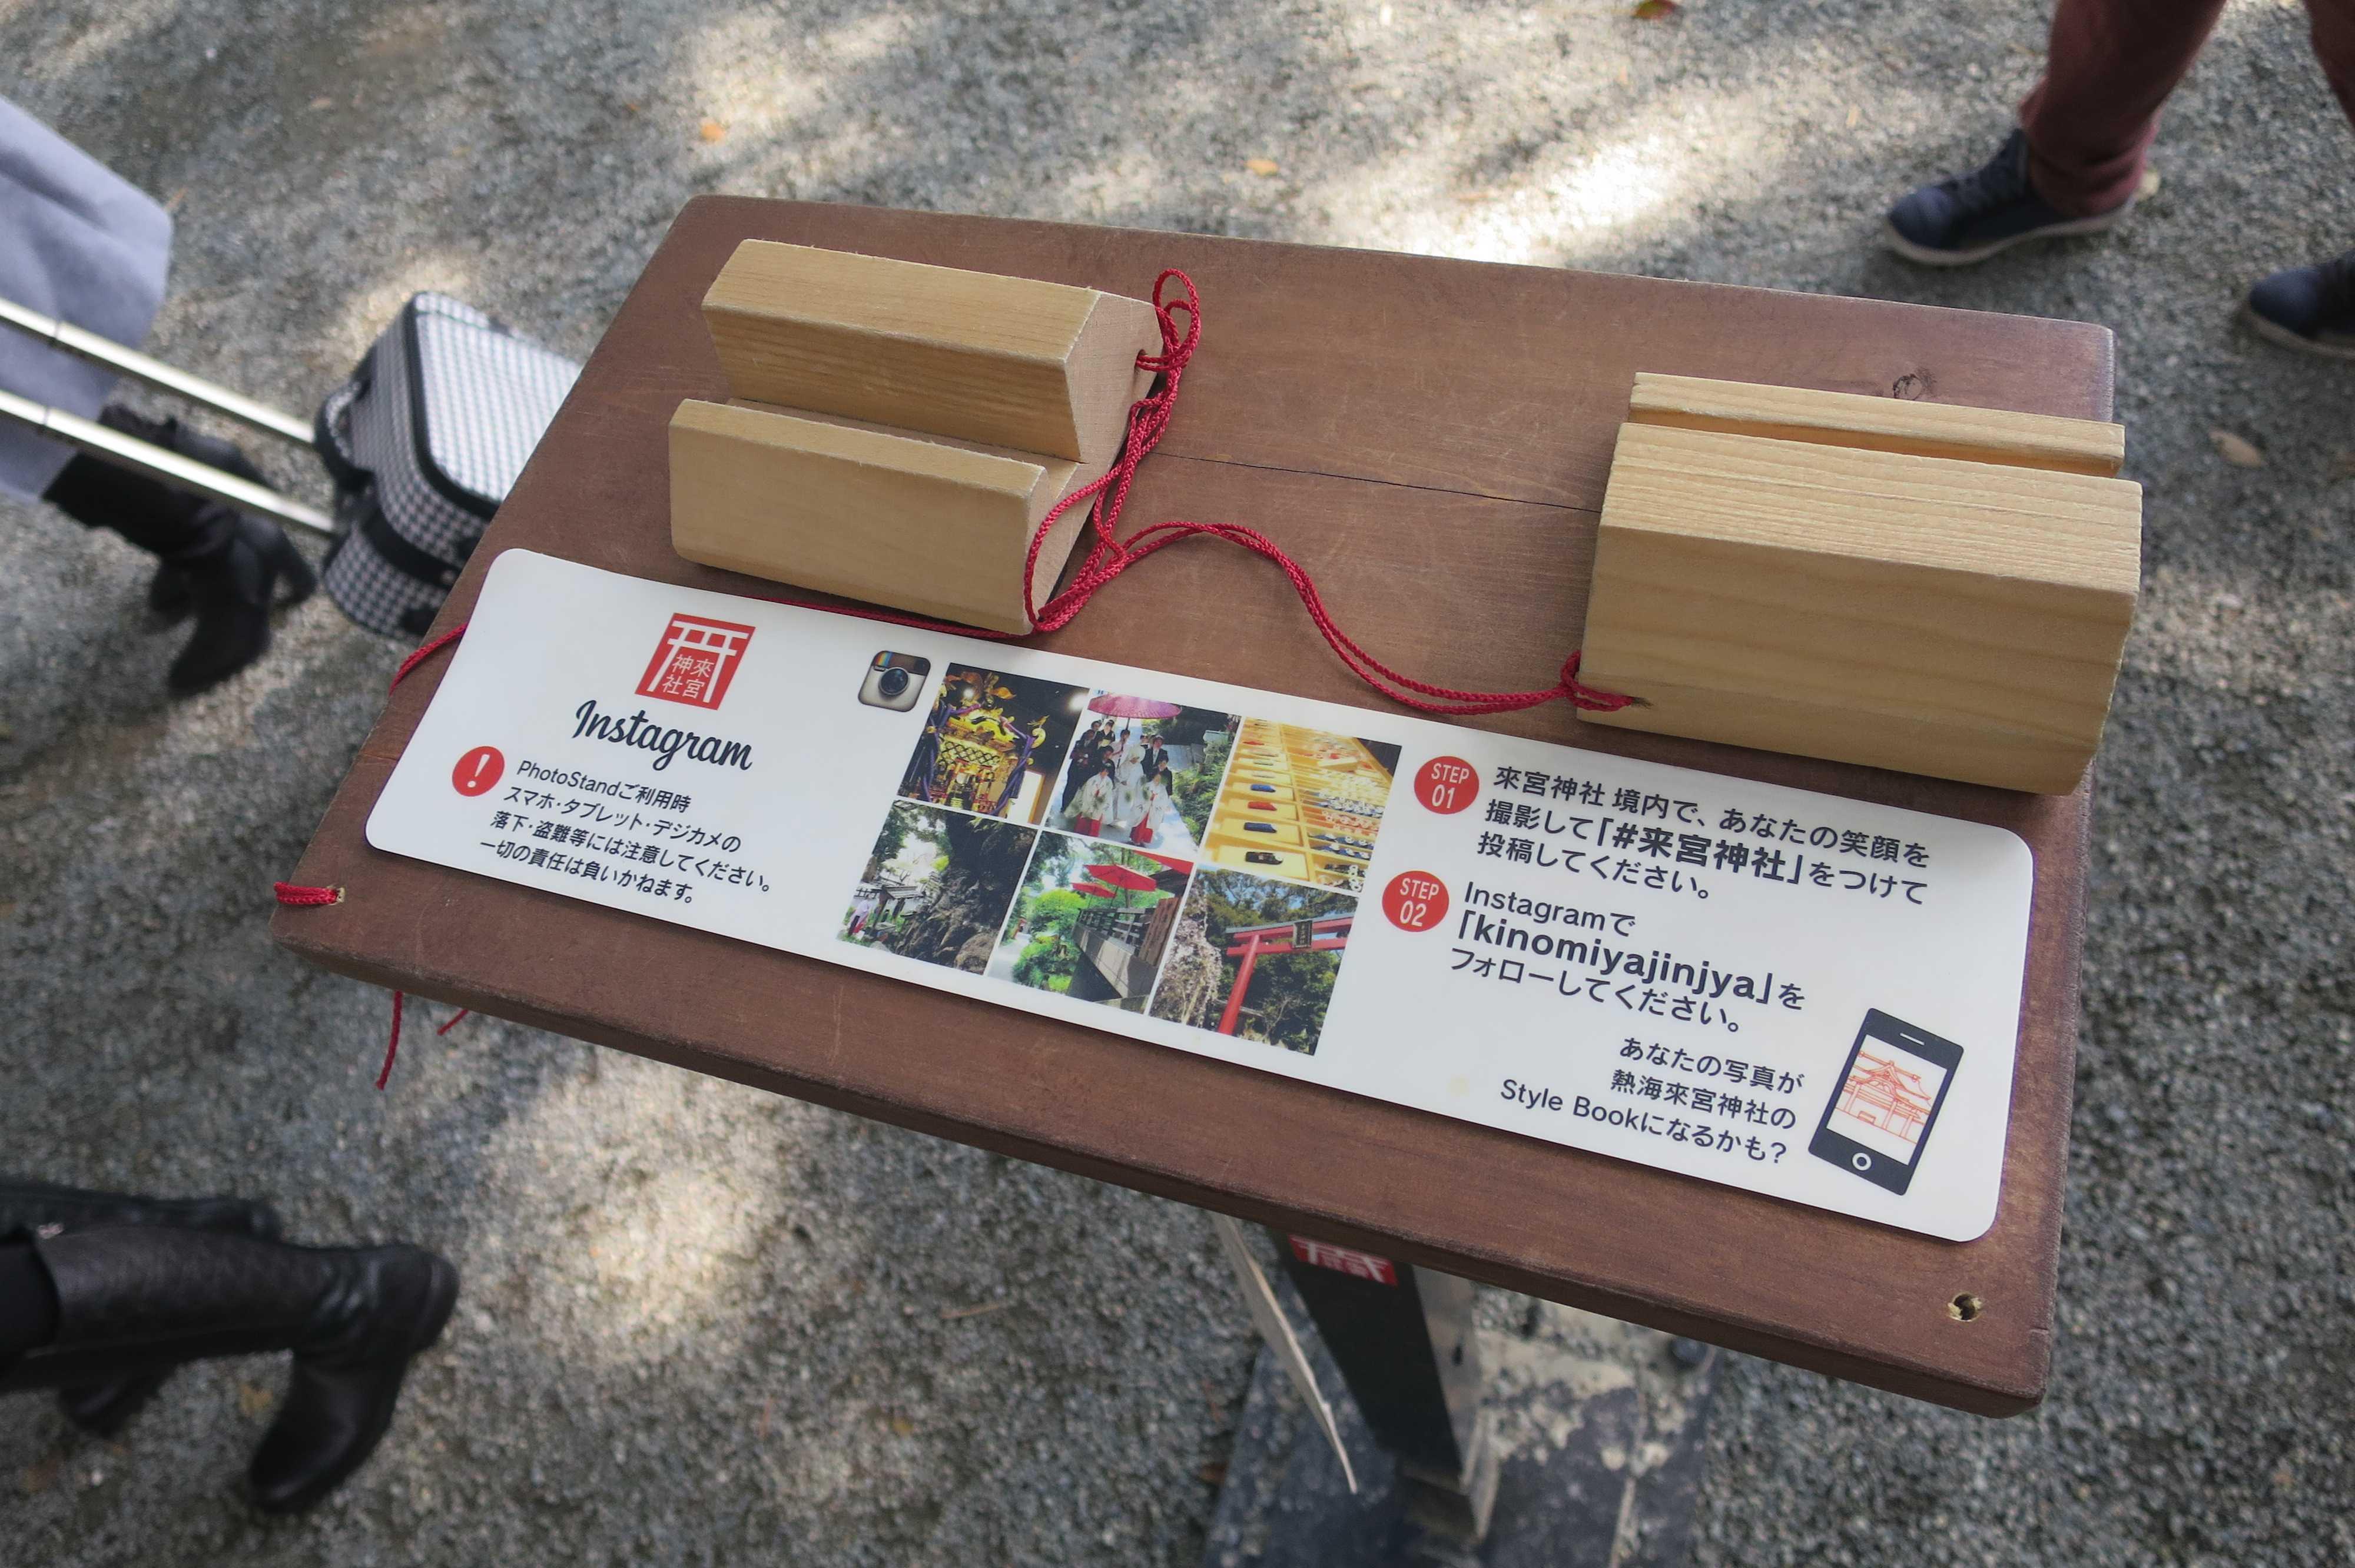 熱海・来宮神社は Instagram(インスタグラム)推し